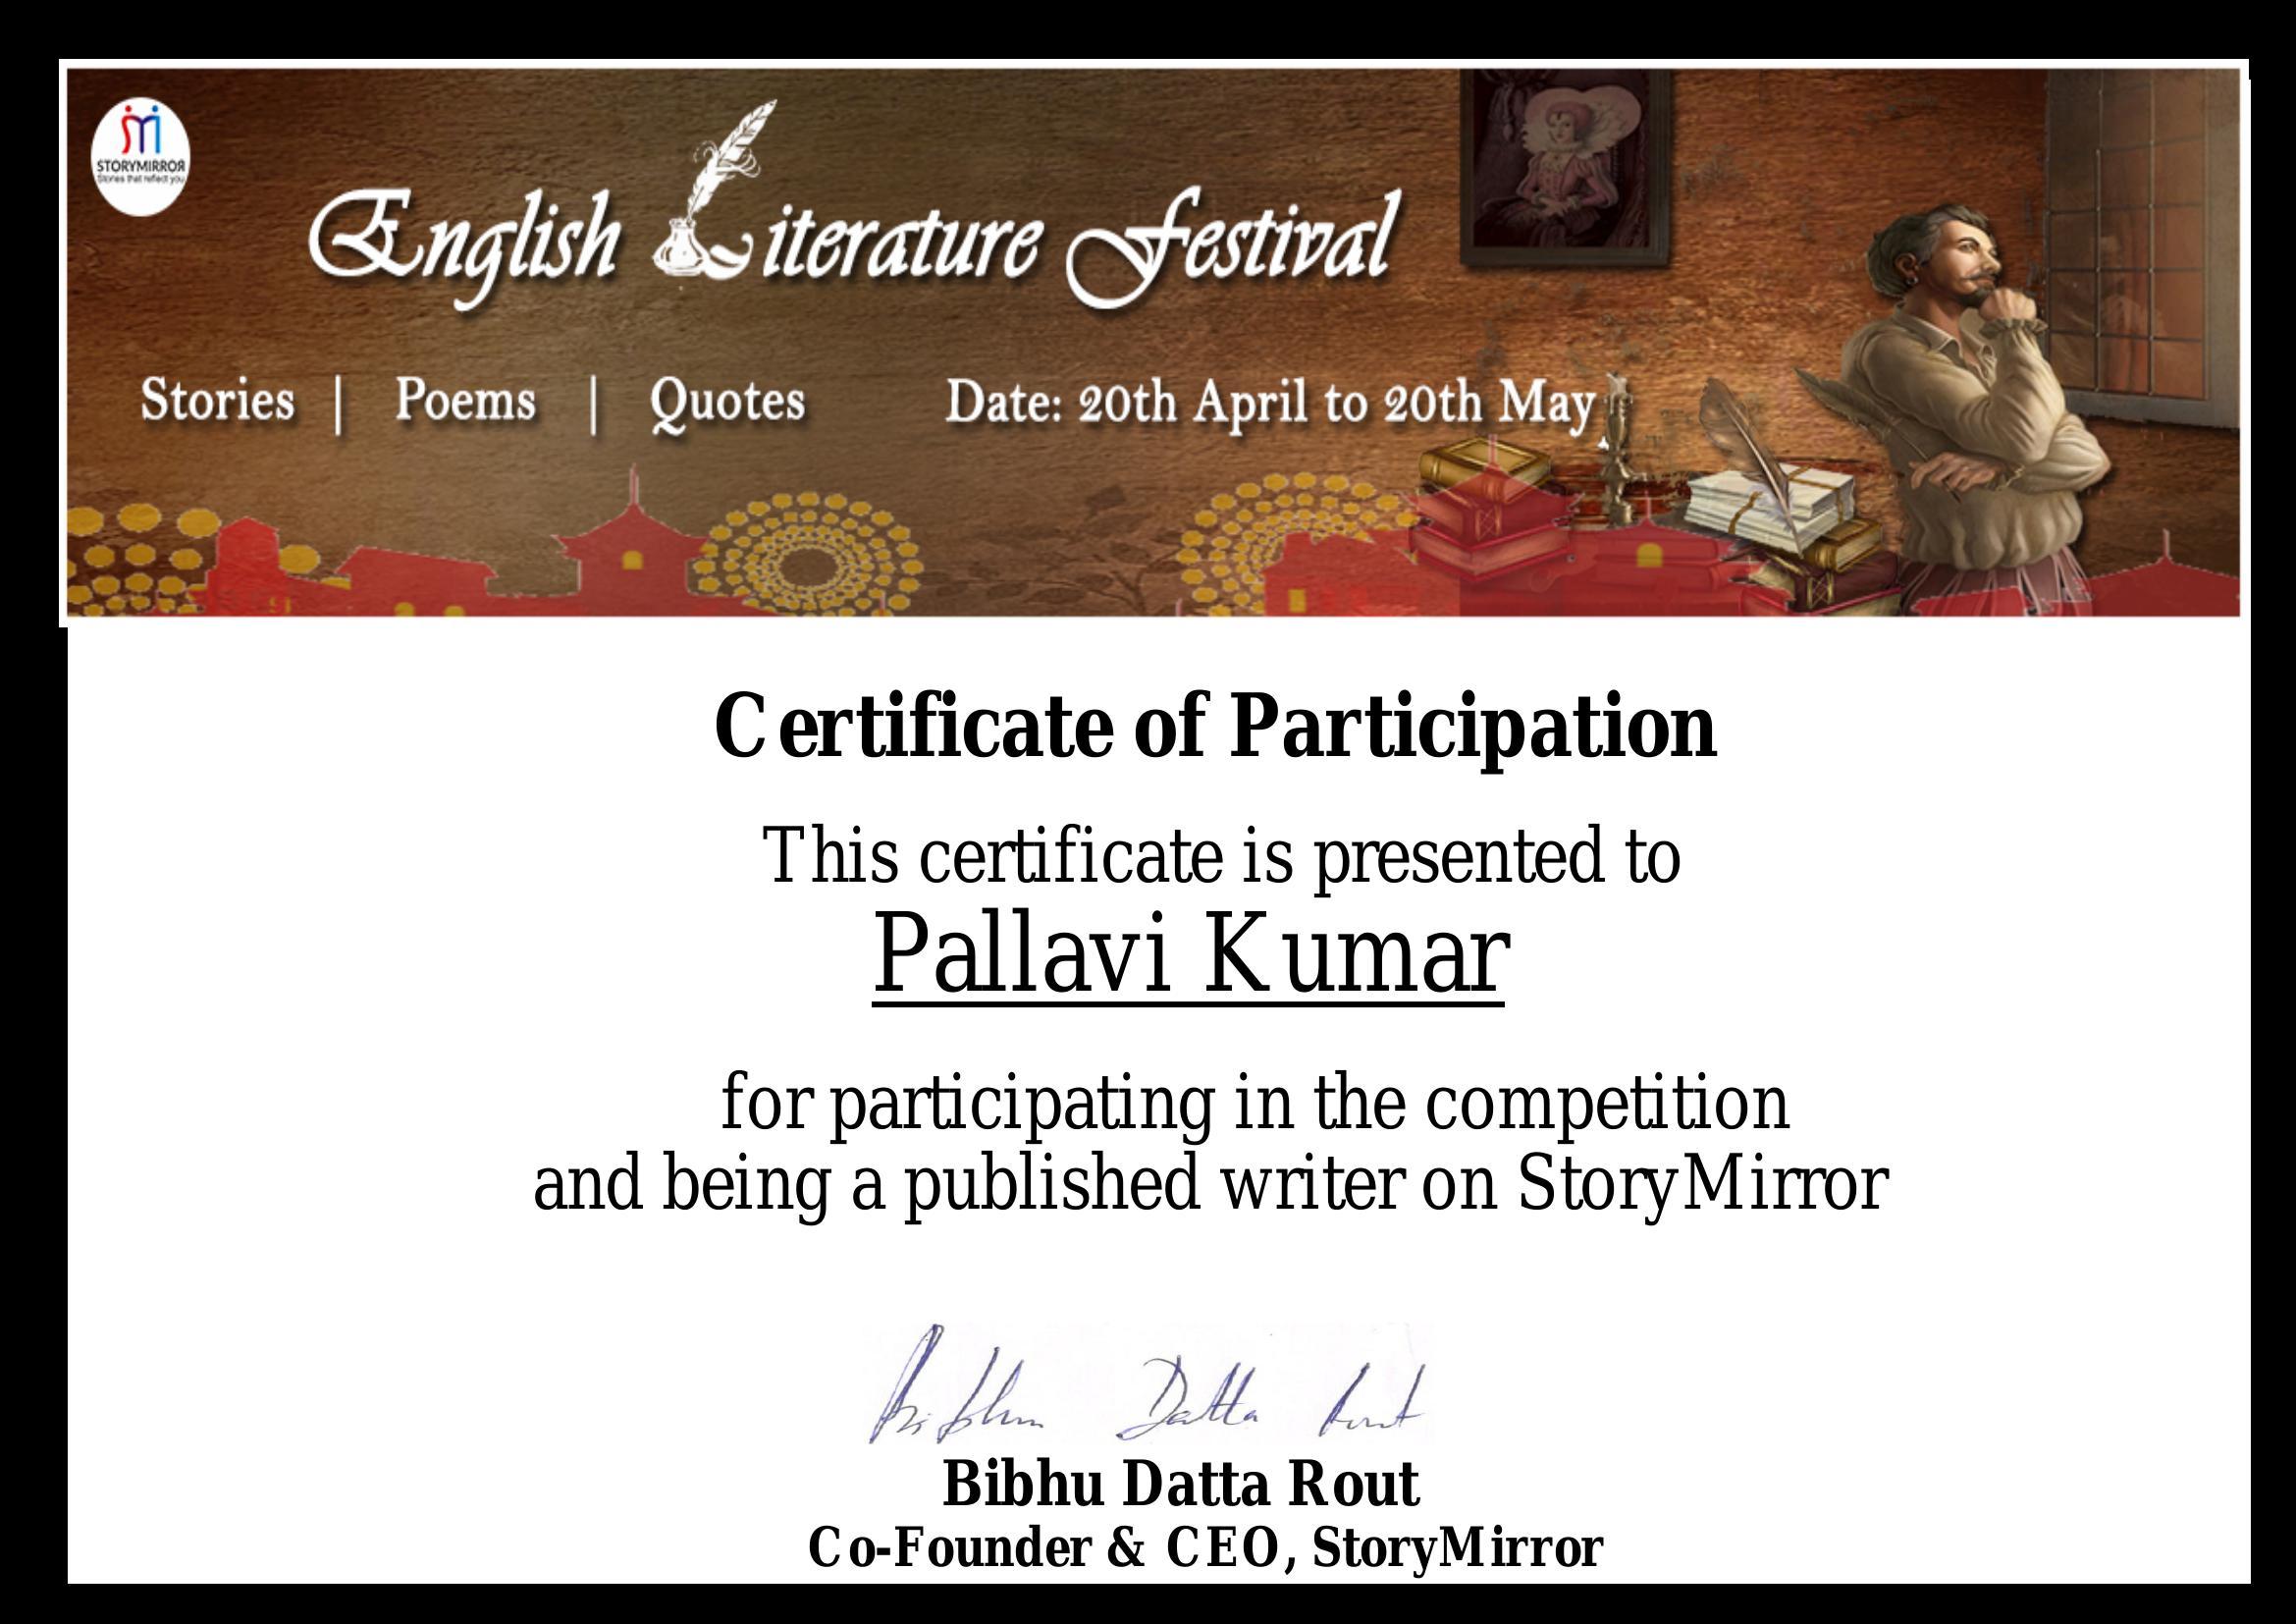 English Literature Festival